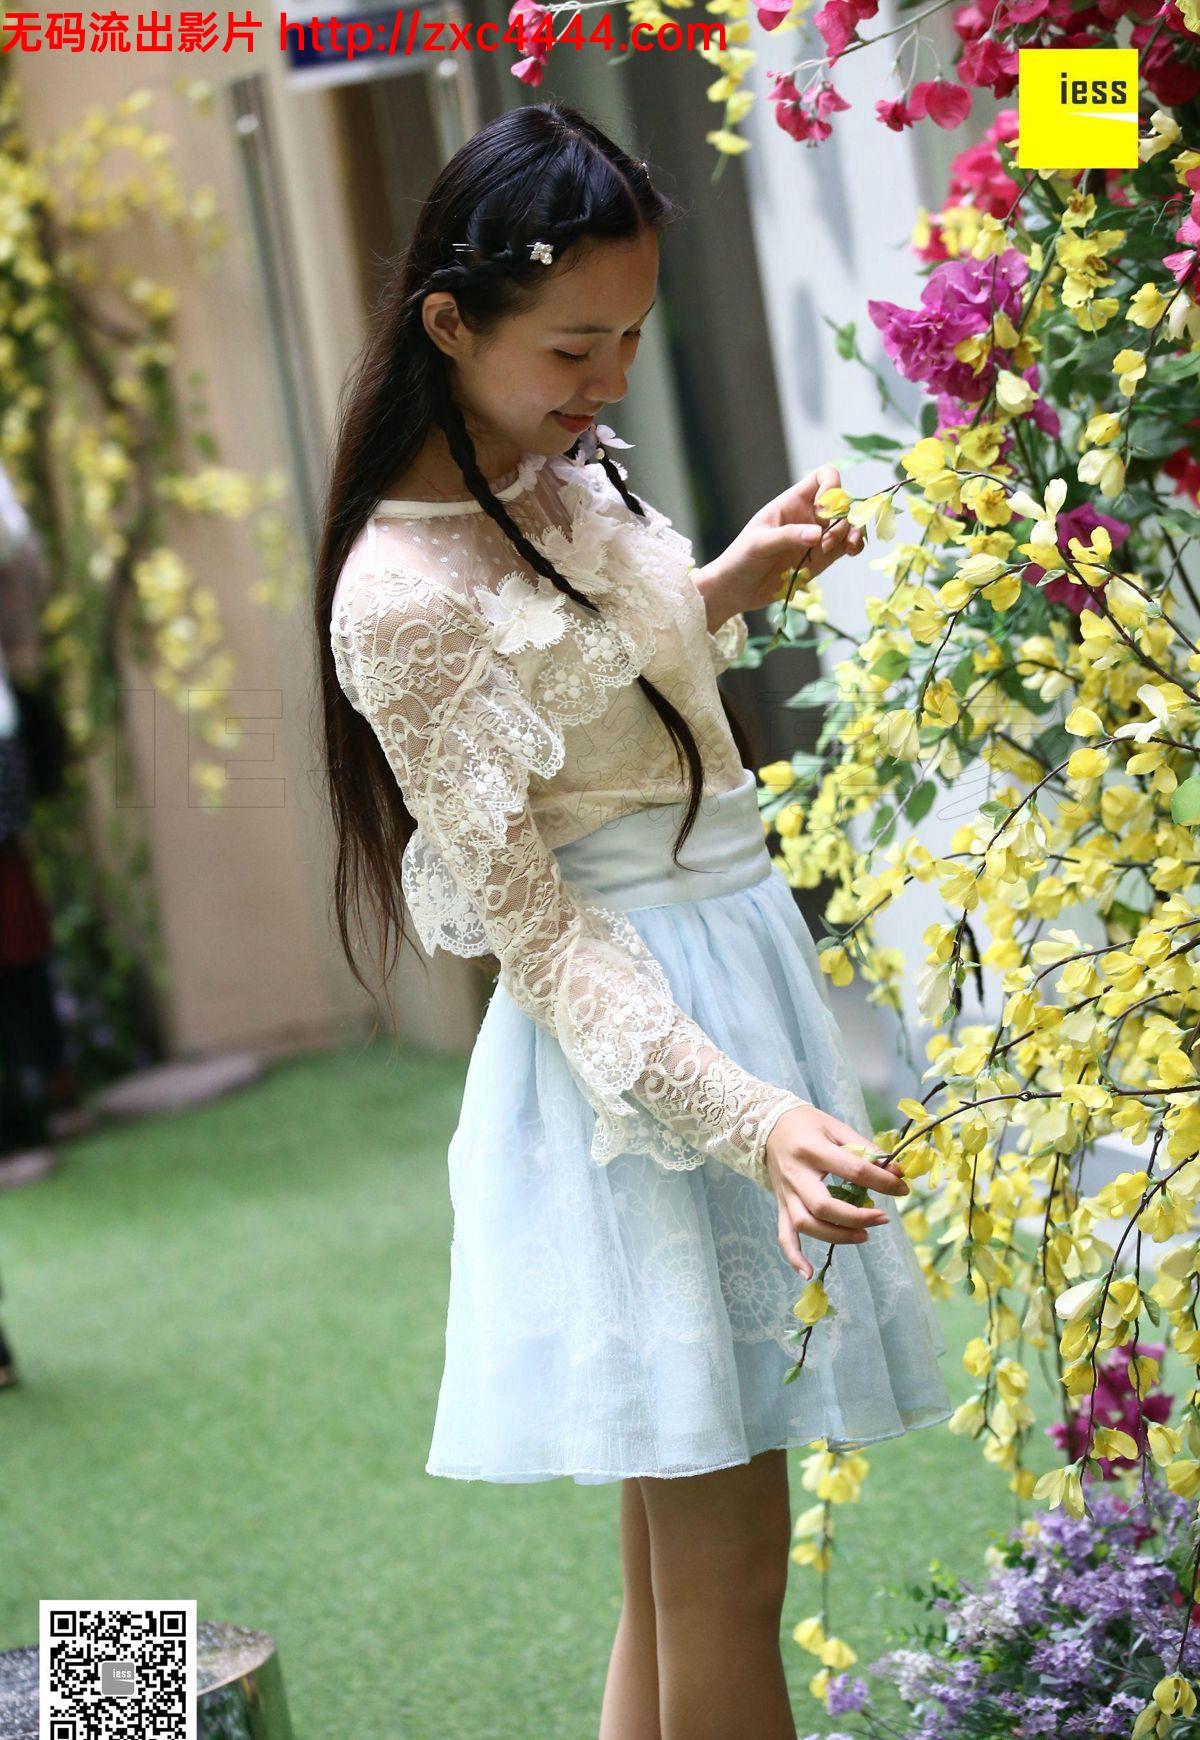 人妻av在线_妙龄丝袜美腿女孩外拍写真【24P】_丝袜诱惑-一级片-亚洲最大 ...